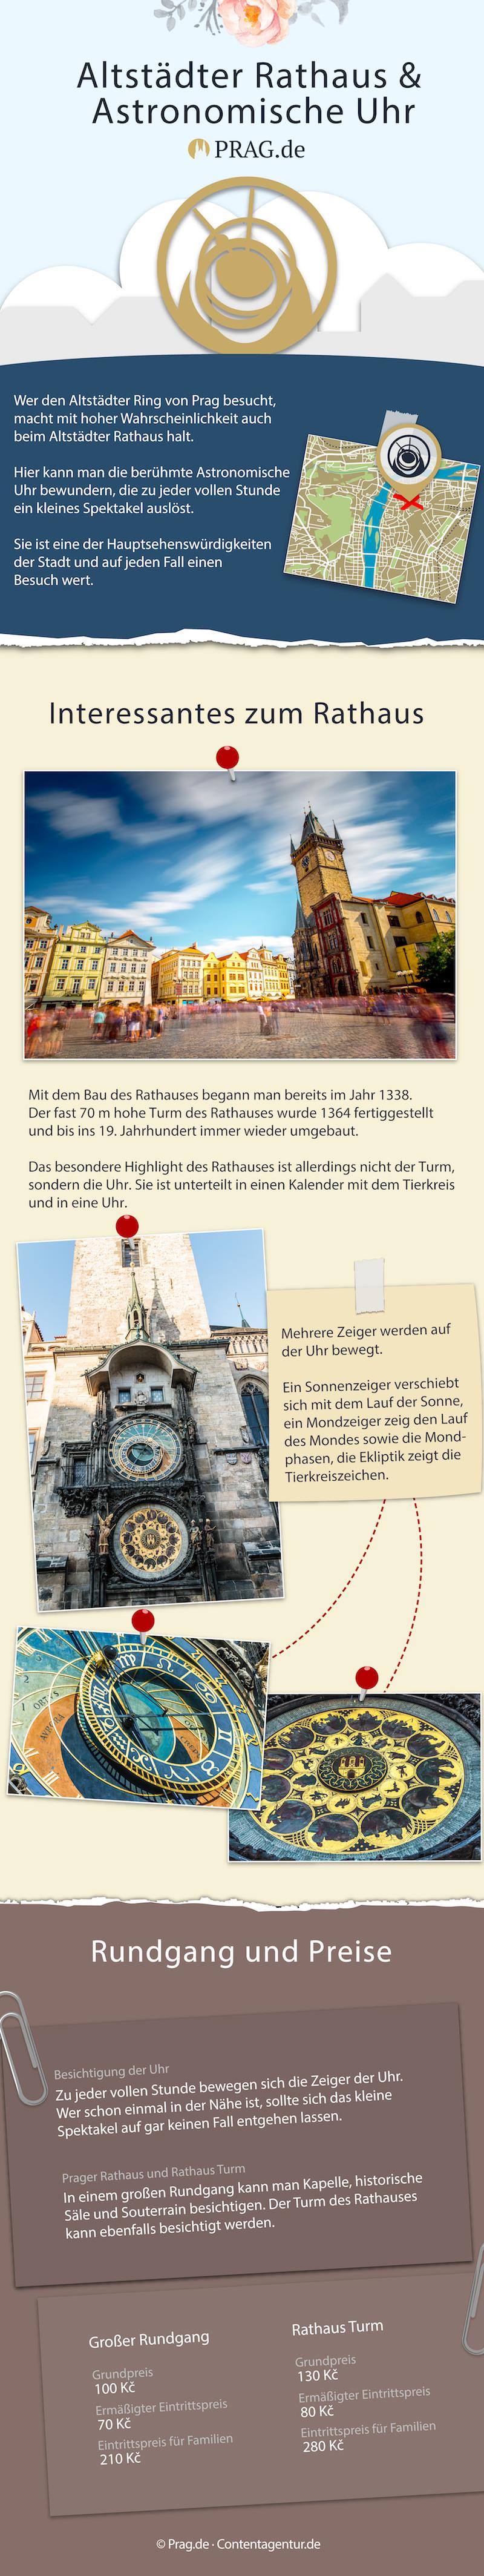 Prag Rathaus und Astronomische Uhr